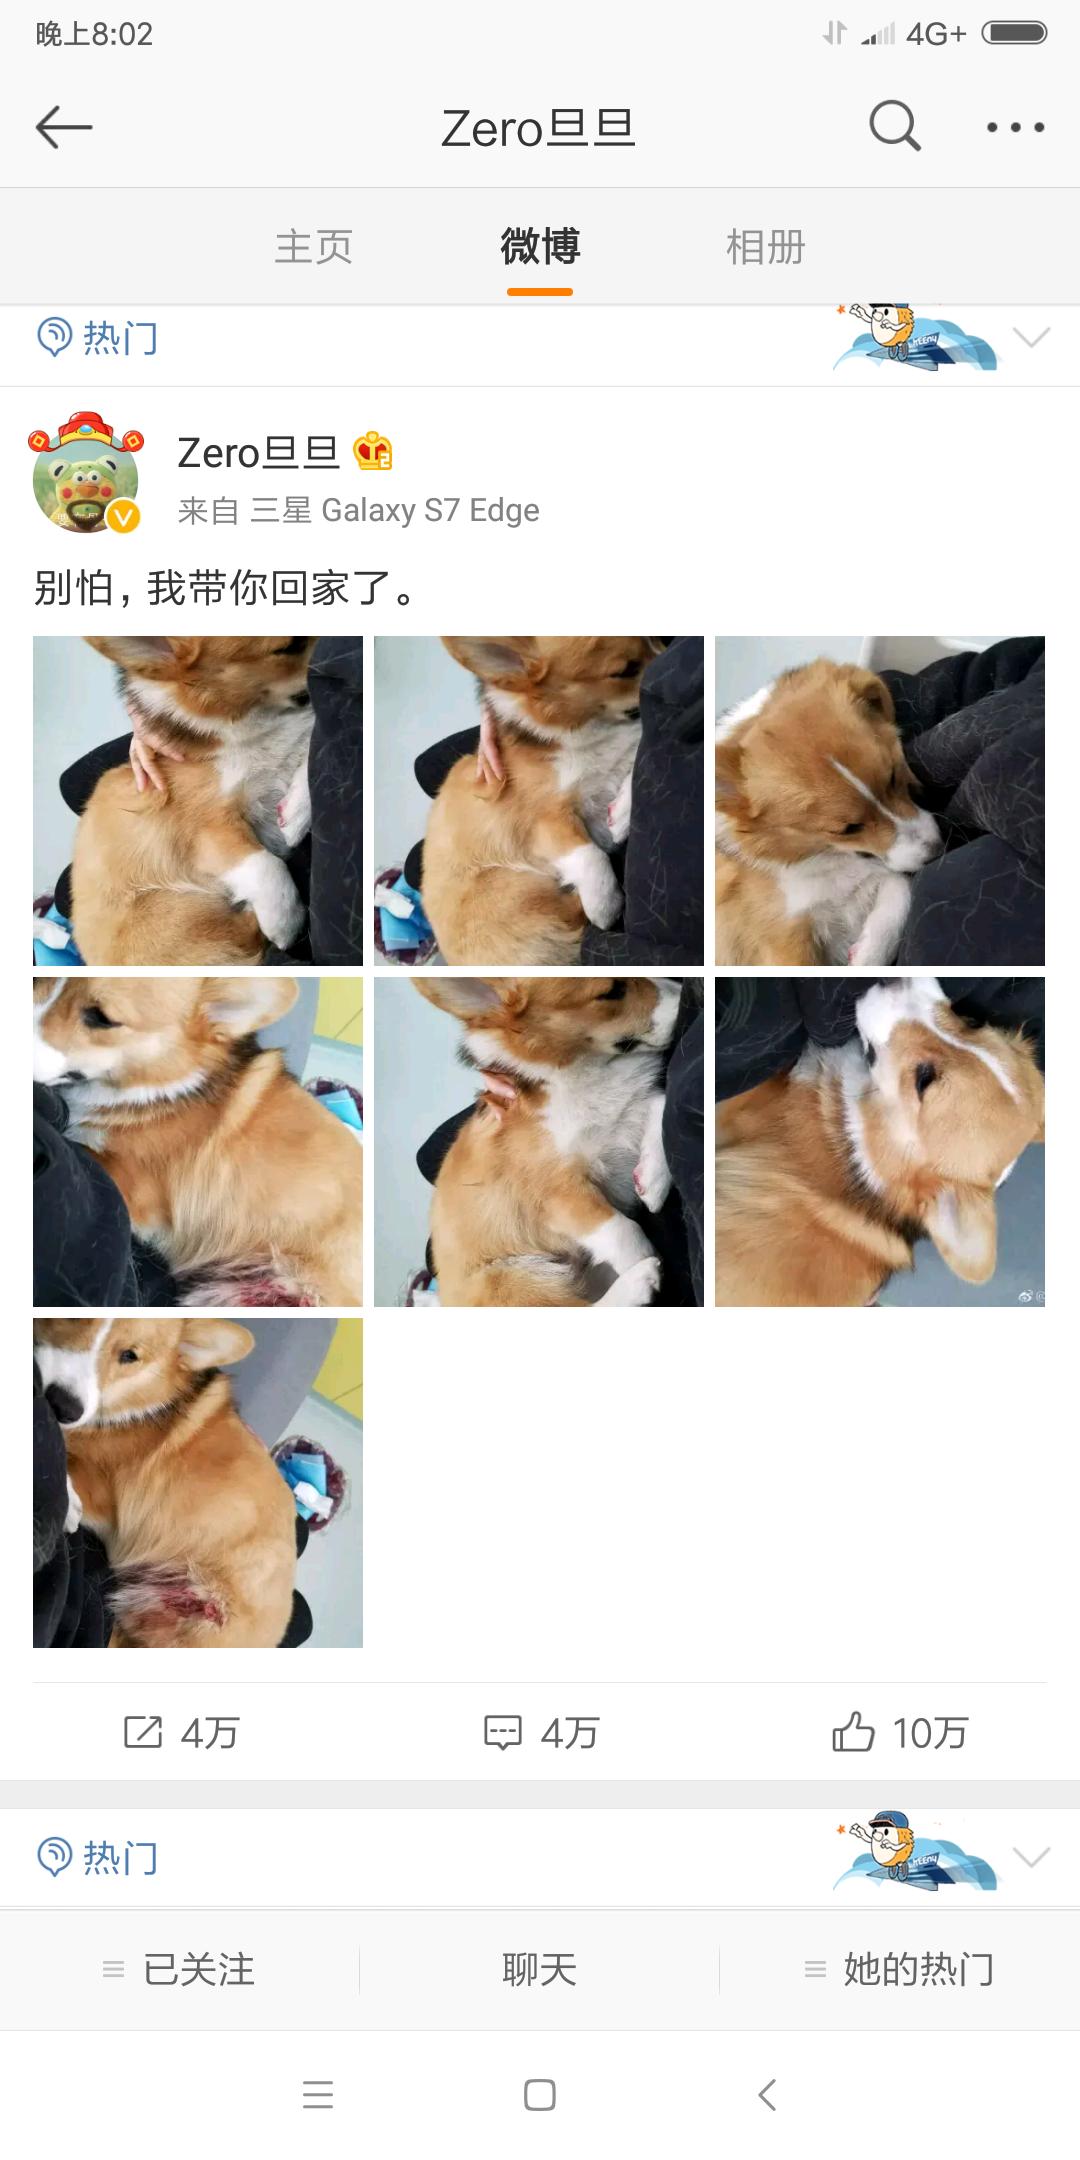 Screenshot_2018-01-13-20-02-18-144_com.sina.weibo.png